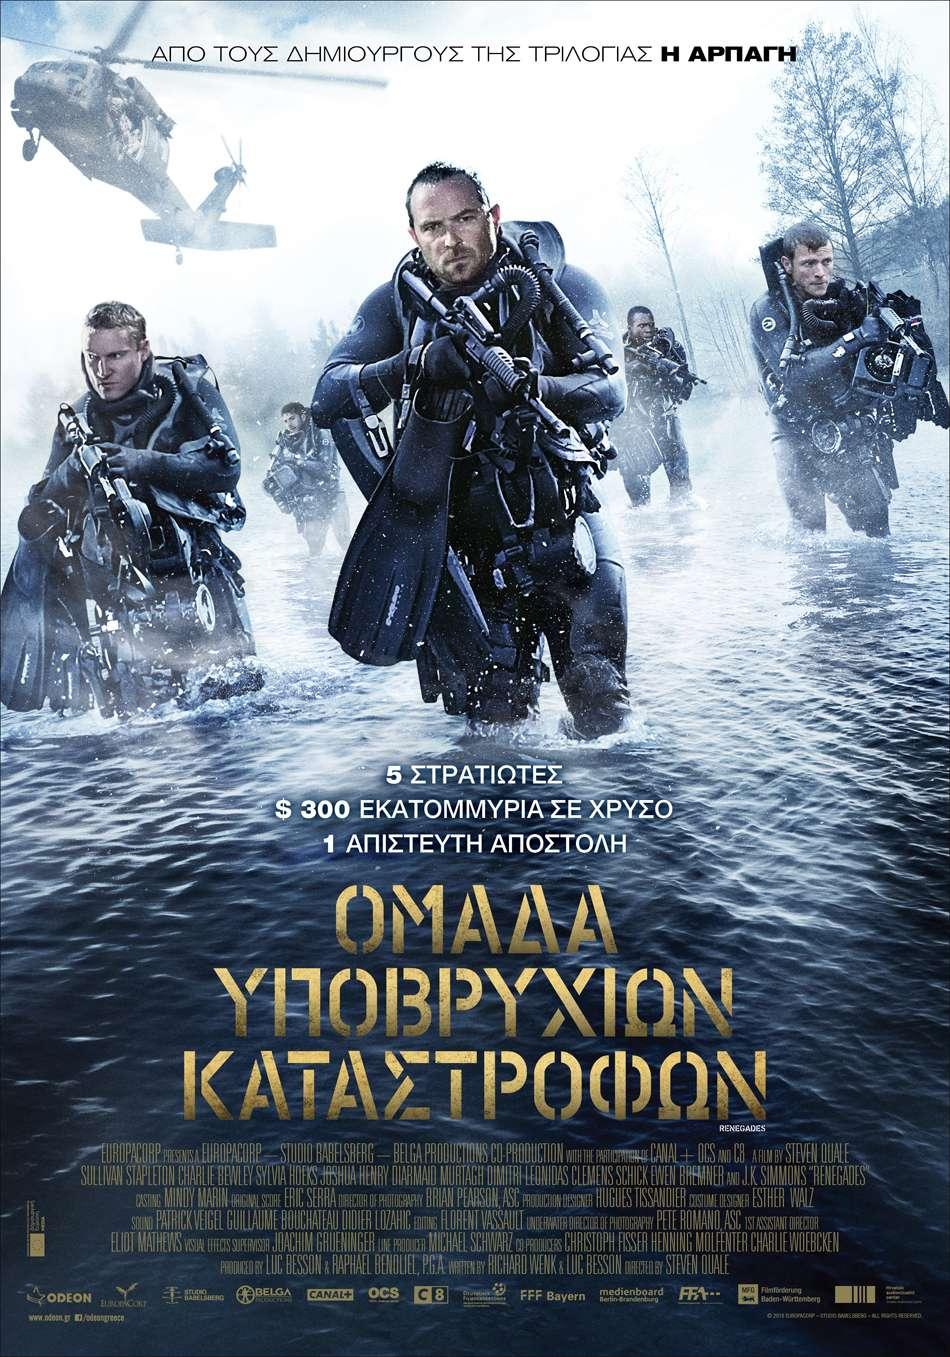 Ομάδα Υποβρύχιων Καταδρομών (Renegades) Poster Πόστερ